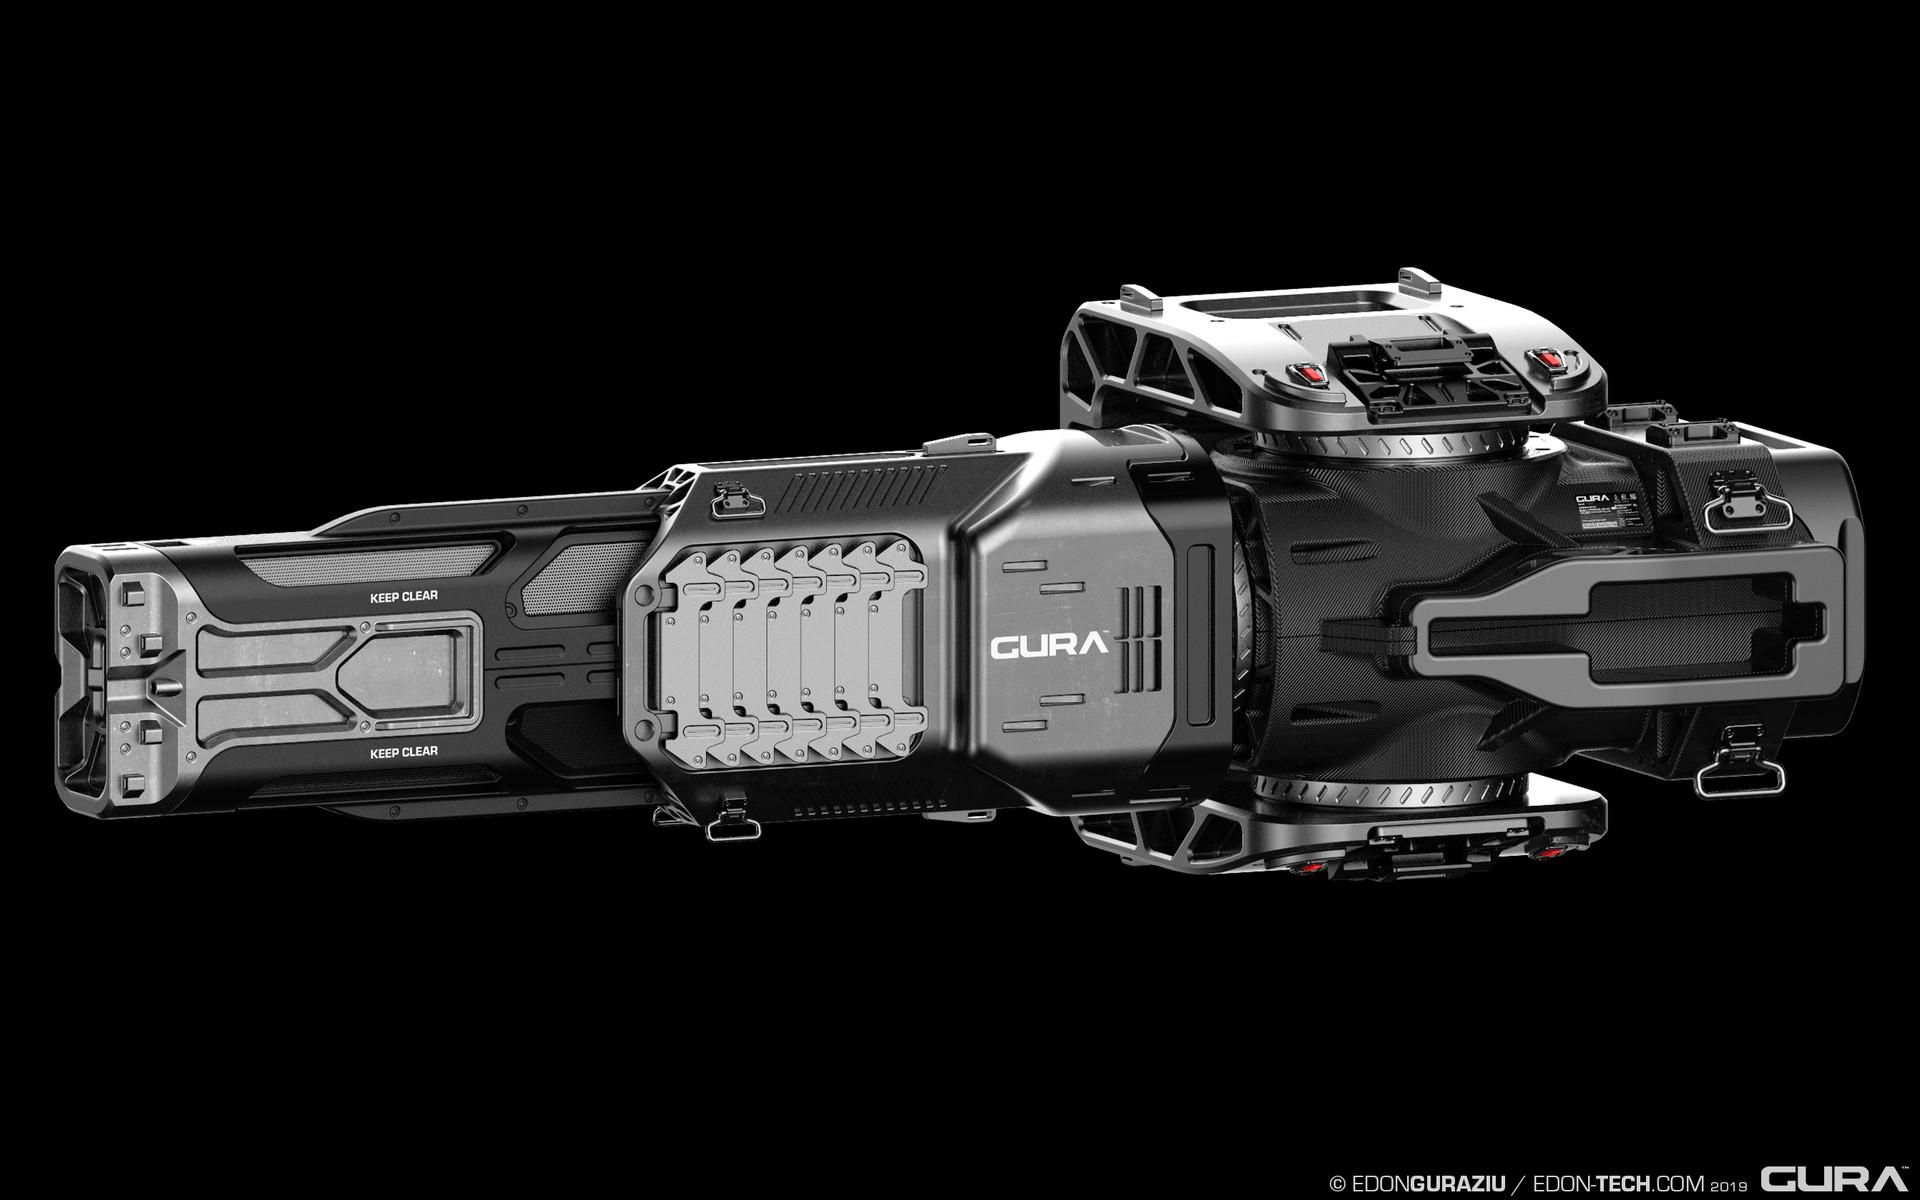 Edon guraziu laser canon image b